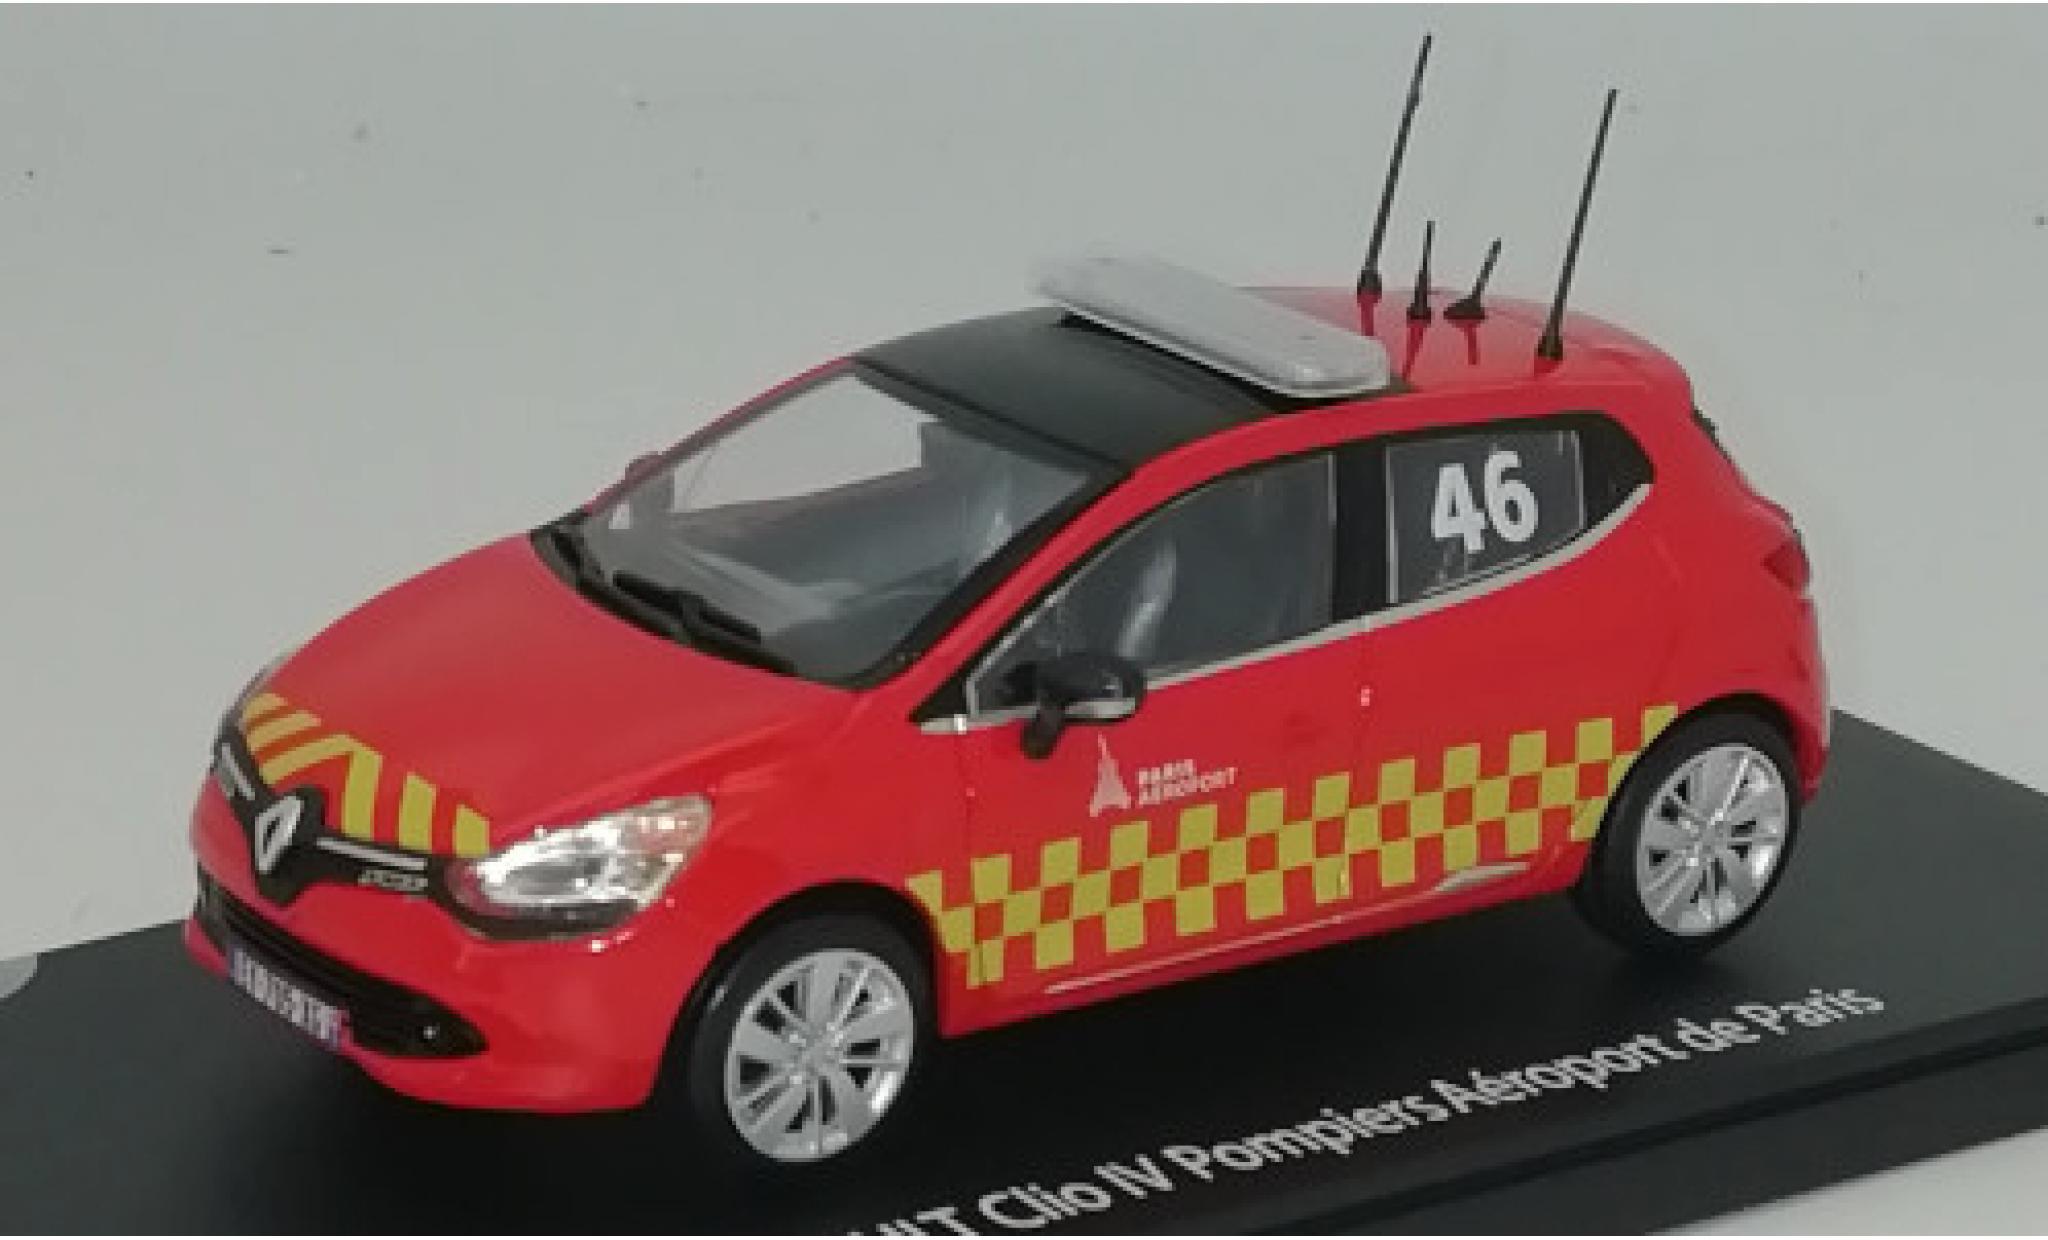 Renault Clio 1/43 Eligor IV Pompiers - Aeroport de Paris 2014 No.46